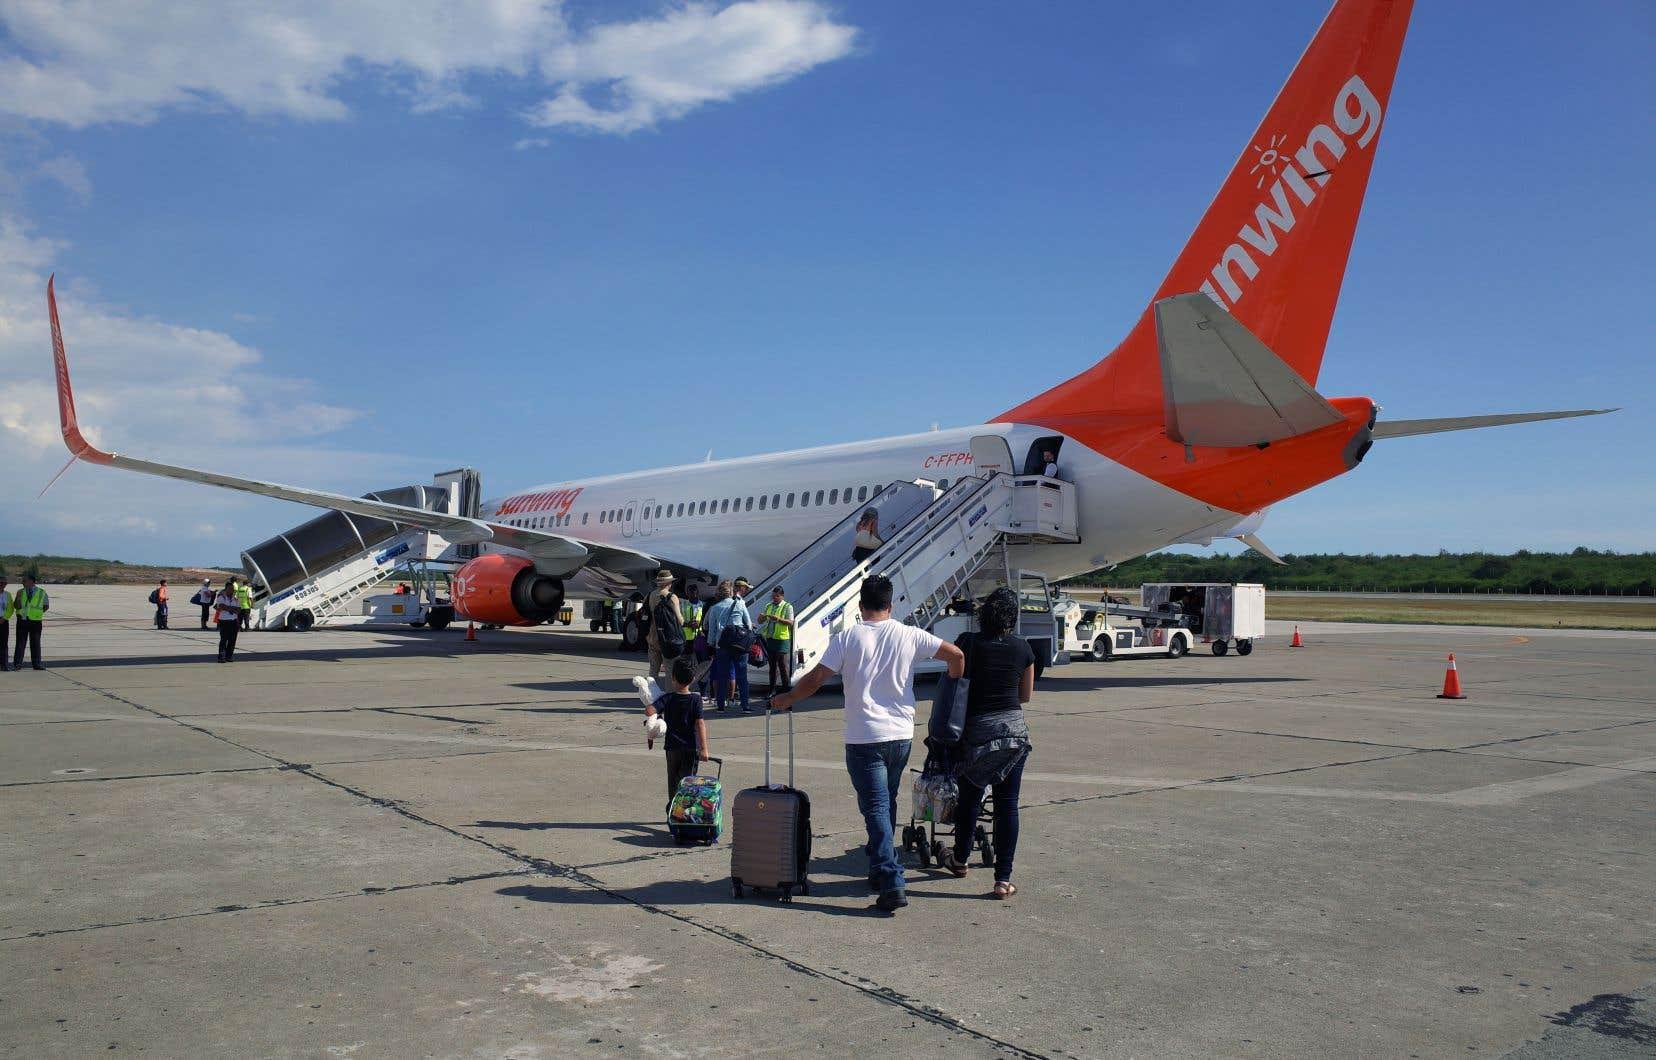 Le voyagiste Sunwing a indiqué exploiter près de 30 vols pour ramener plus de 5000 Canadiens au pays.